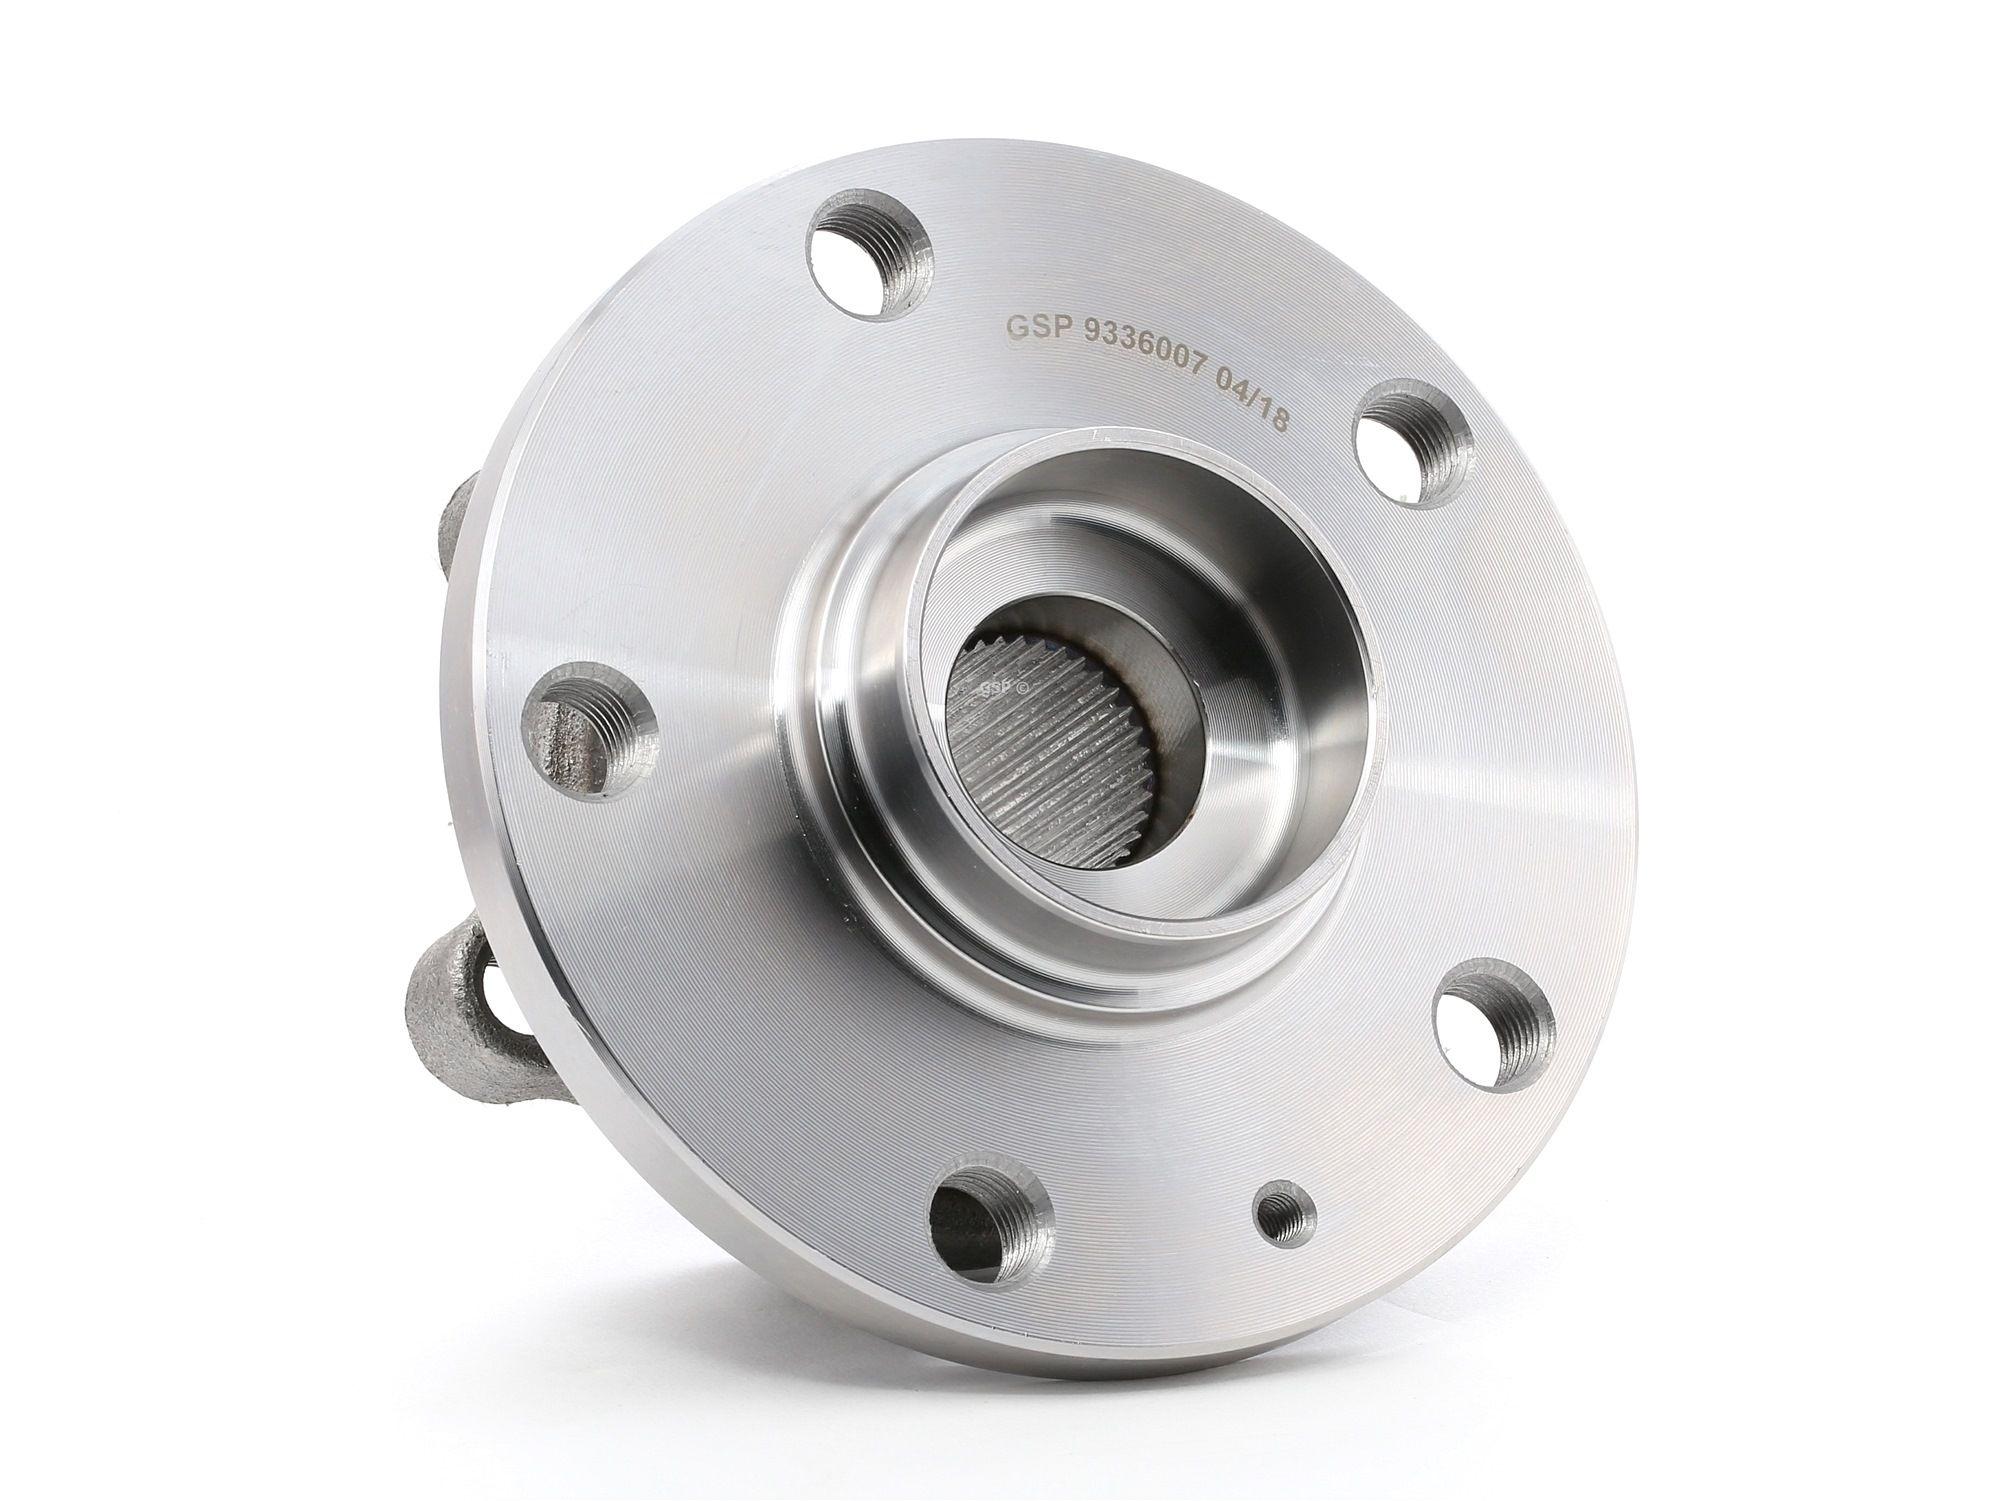 Radlager & Radlagersatz GSP 9336007 Bewertung